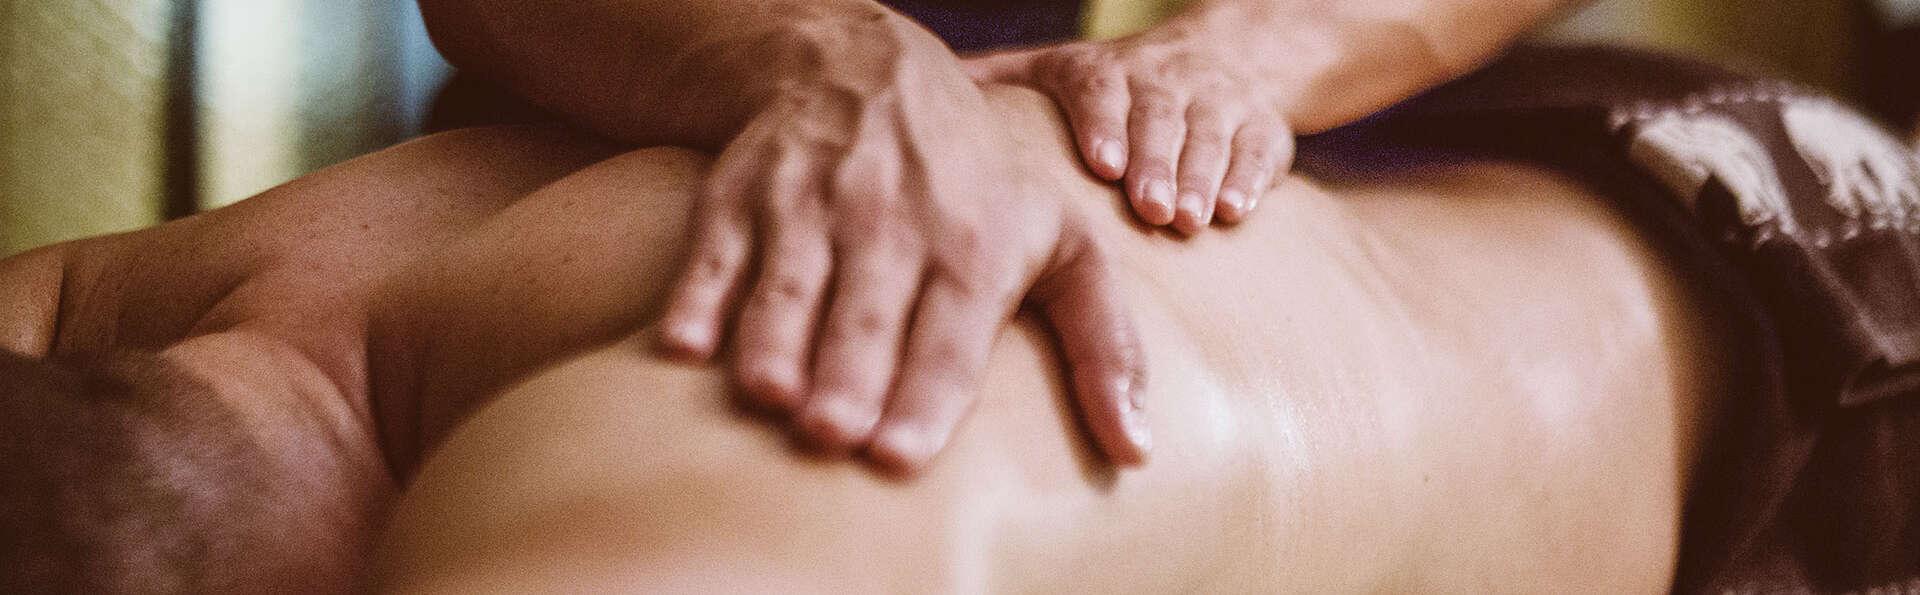 Offre de détente aux portes de Raguse : dans un magnifique complexe avec spa et massage